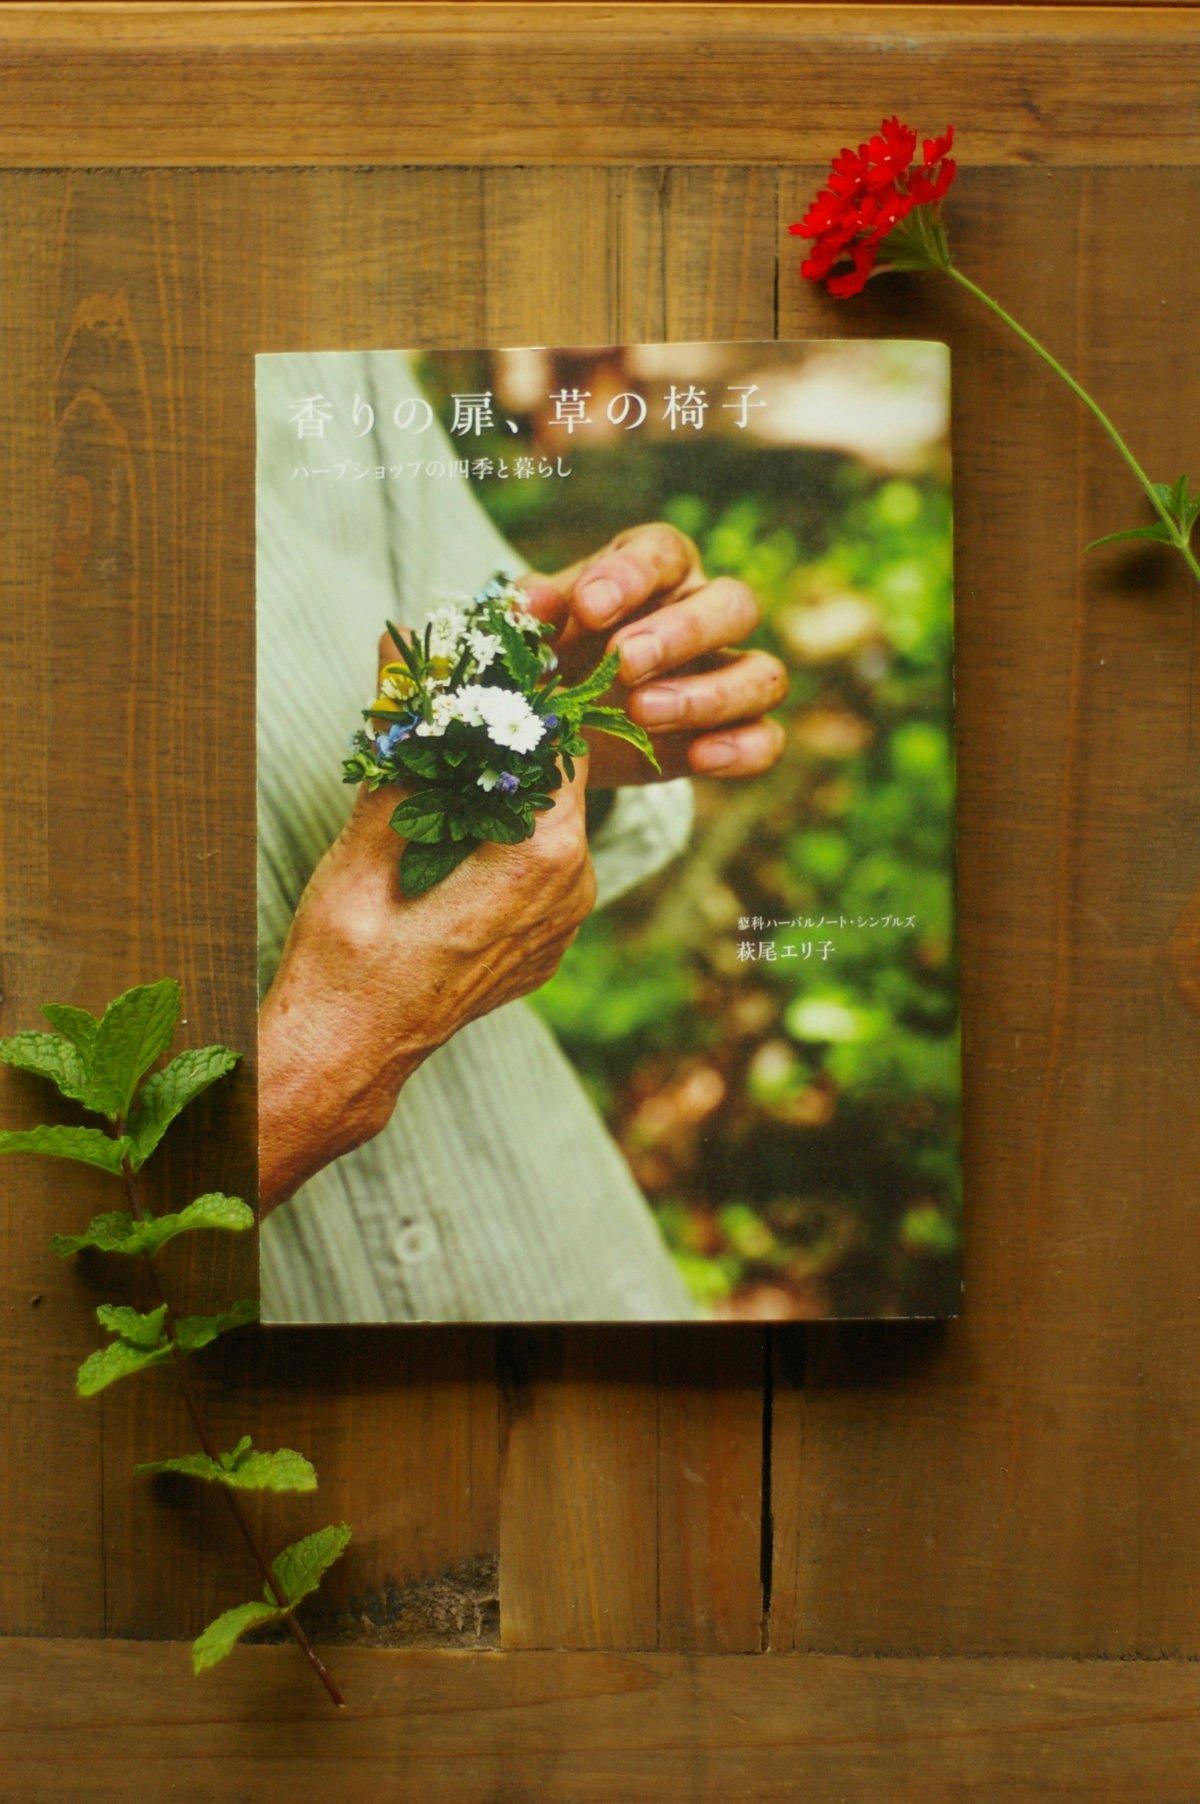 「香りの扉、草の椅子  ハーブショップの四季と暮らし」